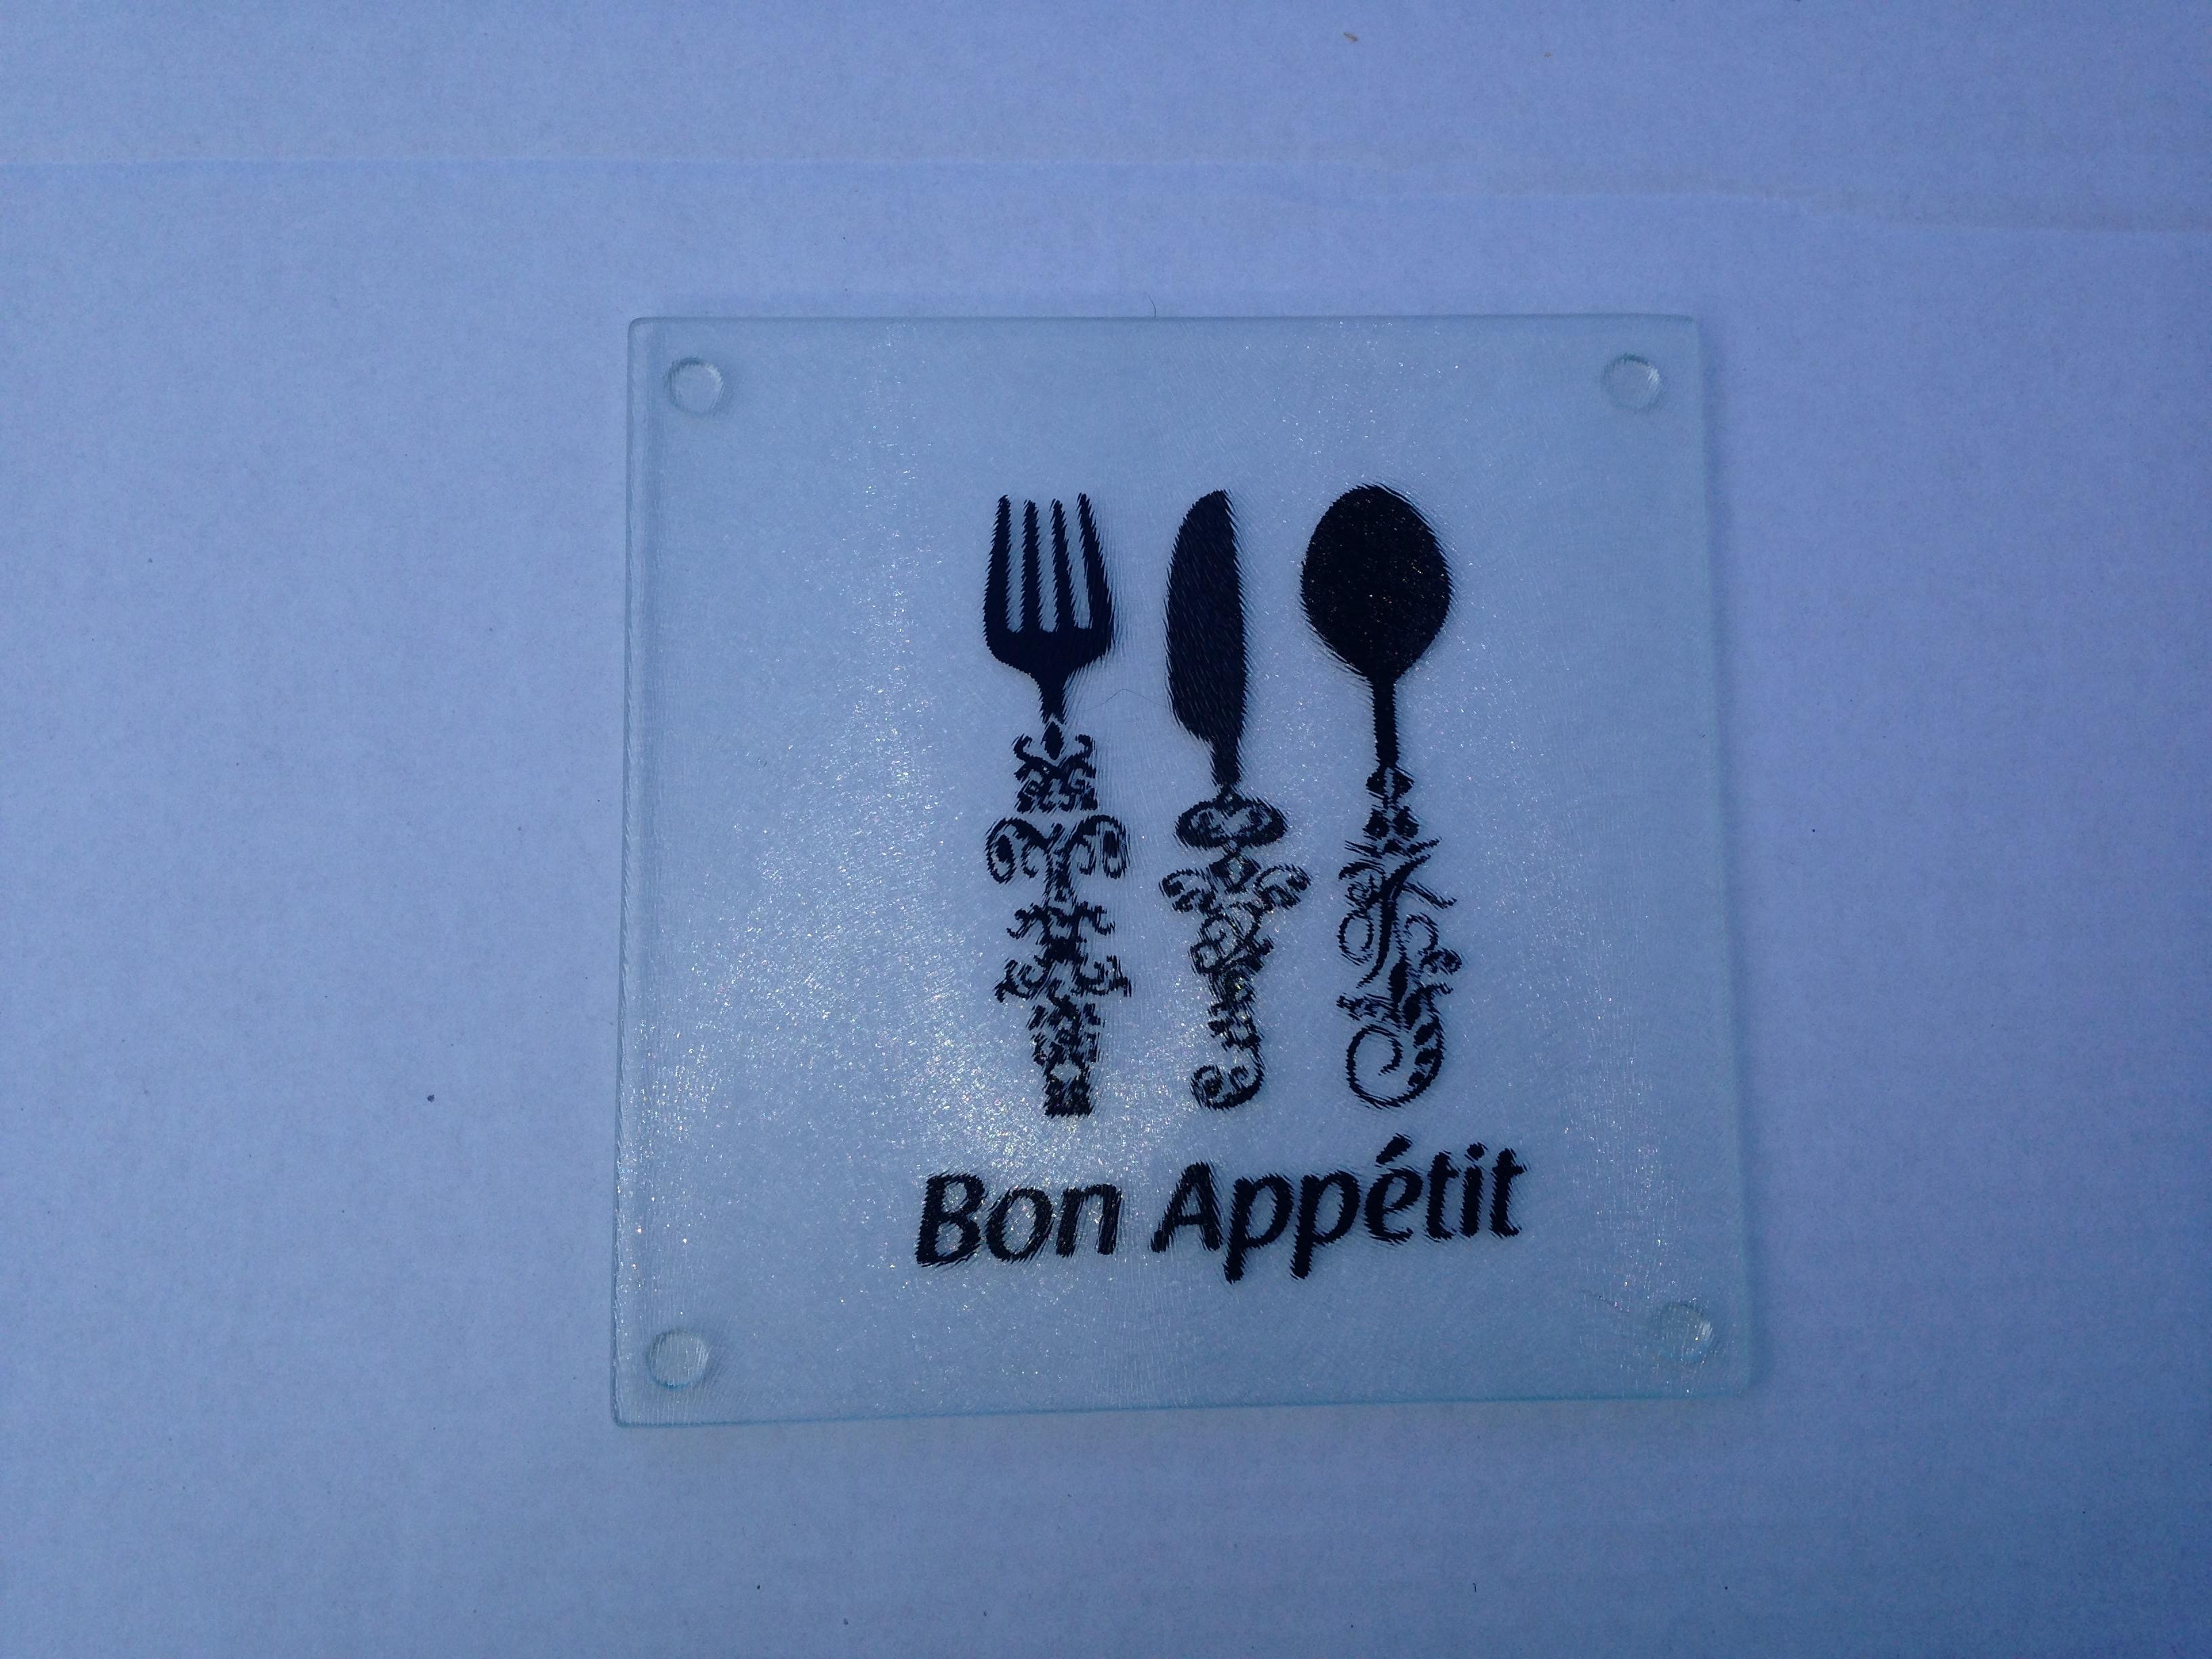 Bon Appetit Glass Trivet Sold By Abanakee Custom Gifts On Storenvy